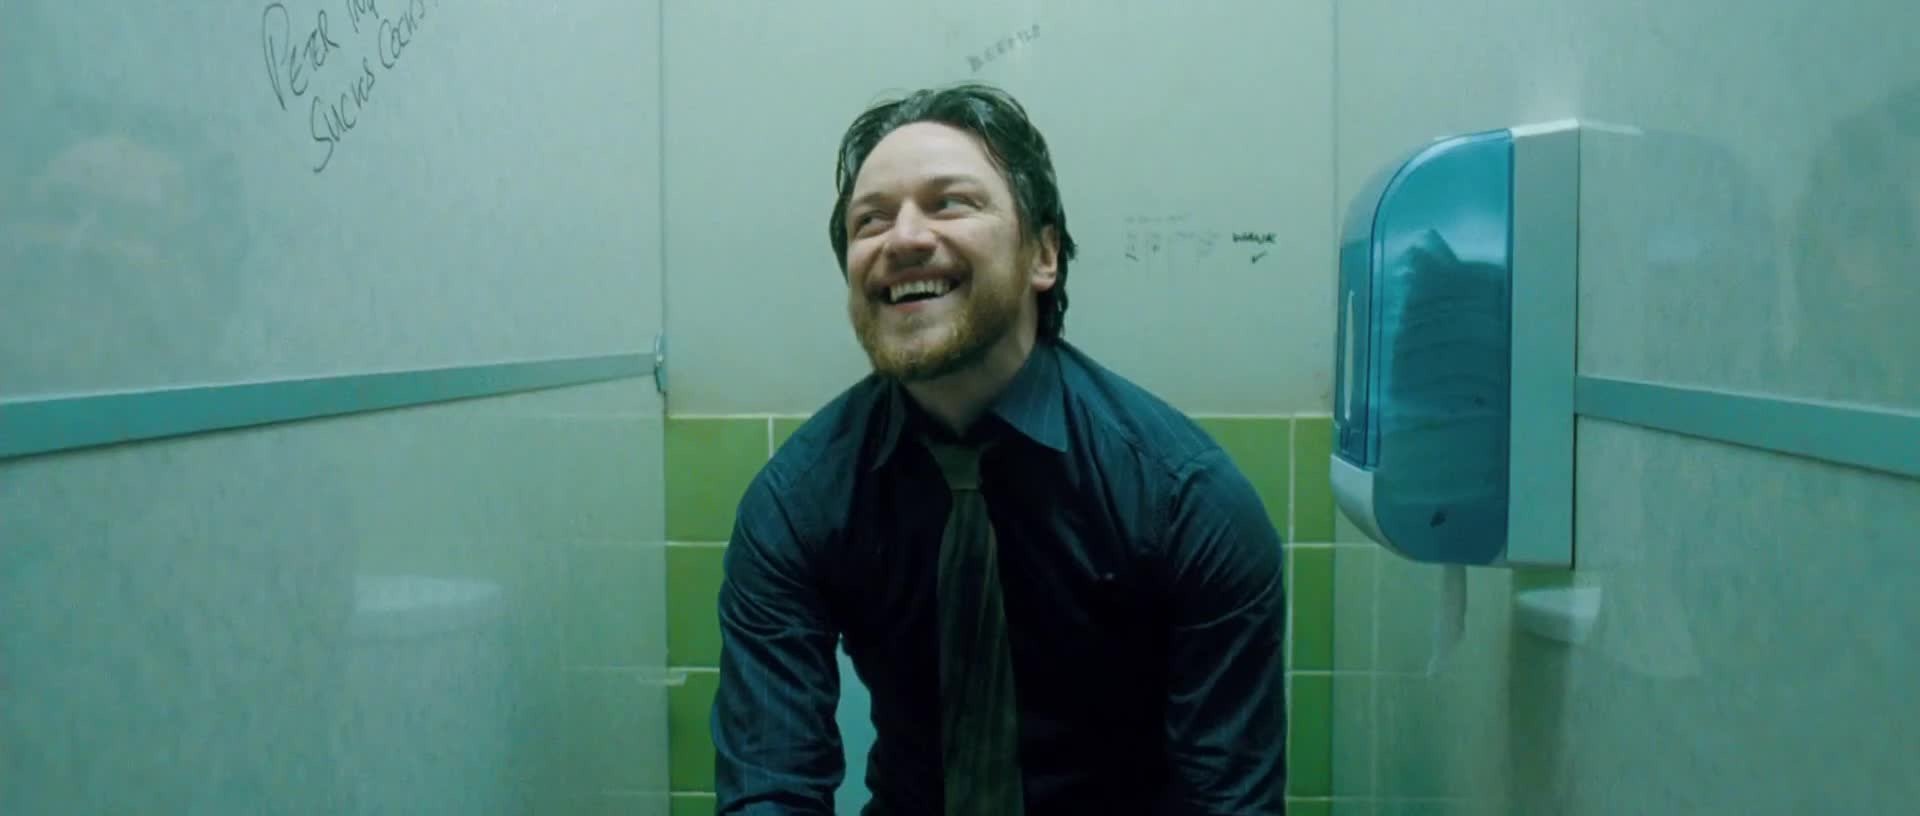 в каком фильме реально месяца в туалете зря